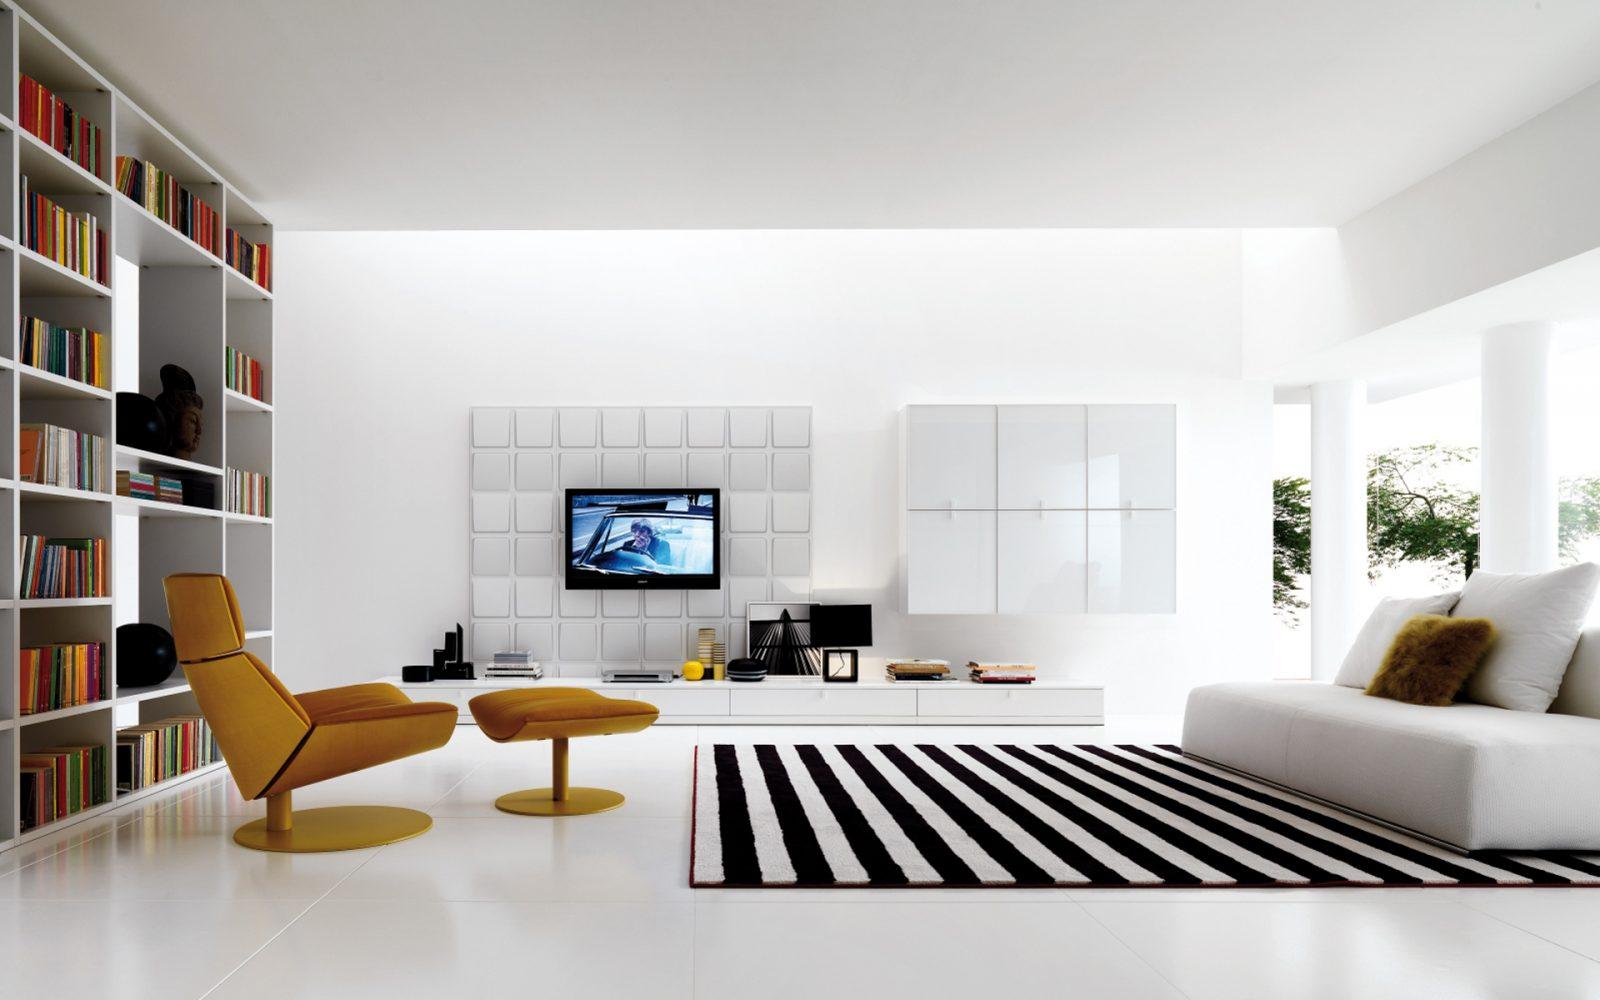 Galer a de im genes muebles modernos para el sal n for Muebles sencillos para salon